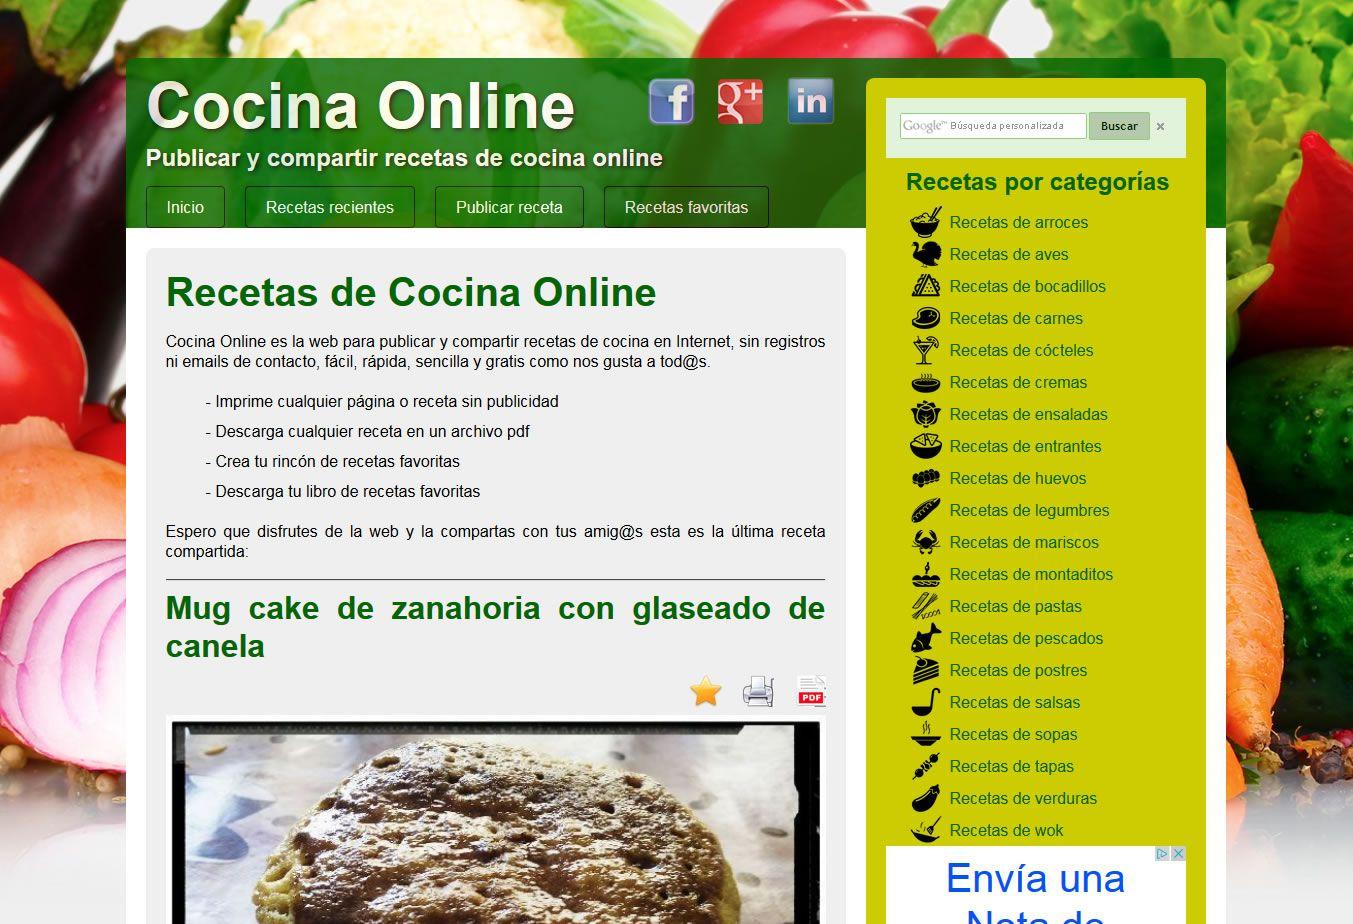 Cocina Online La Web Para Publicar Y Compartir Recetas De